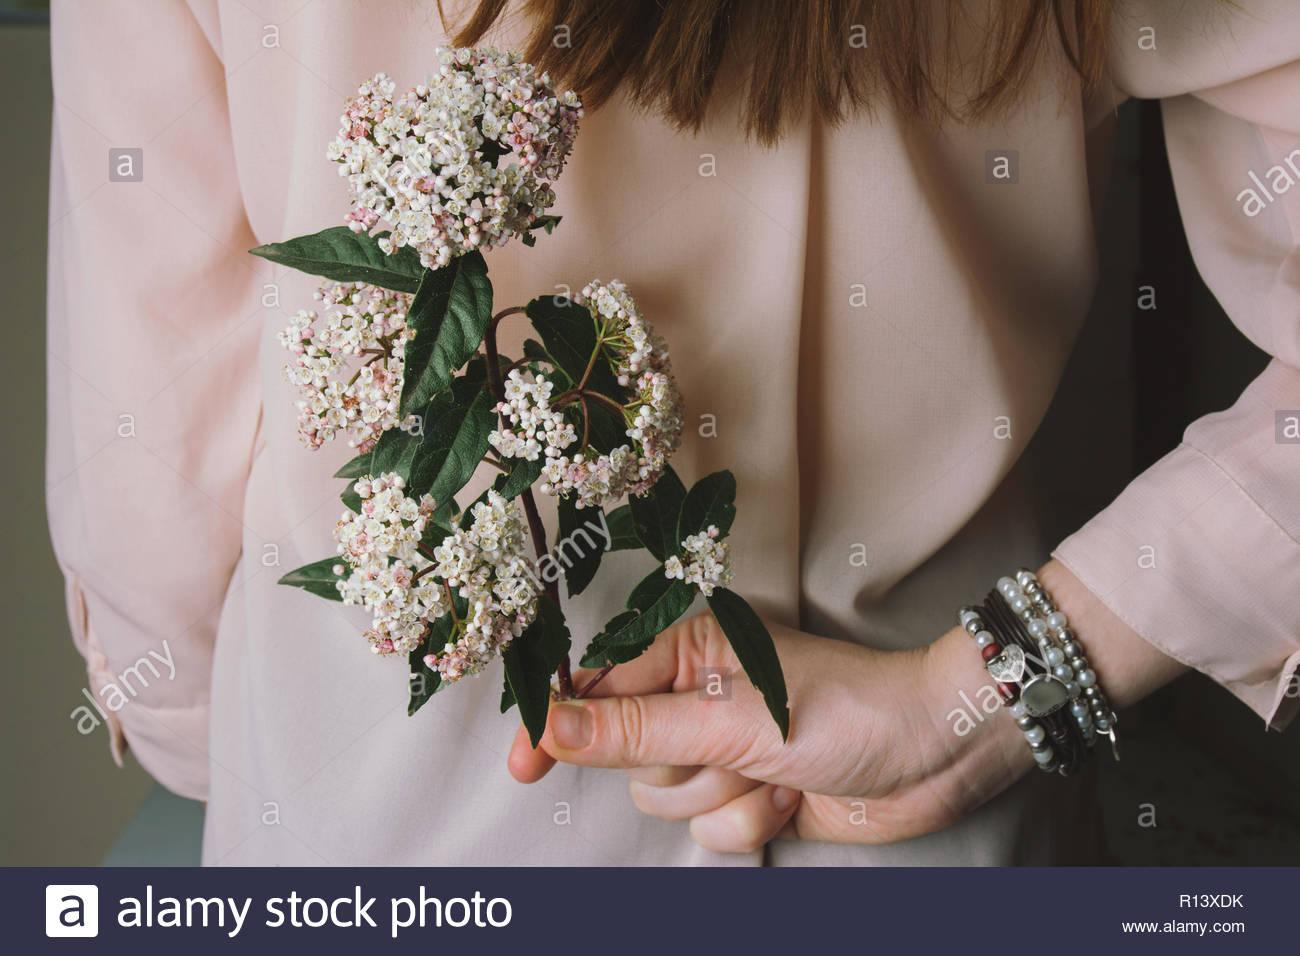 La mitad del torso de una mujer sosteniendo un ramo de flores a la espalda Imagen De Stock